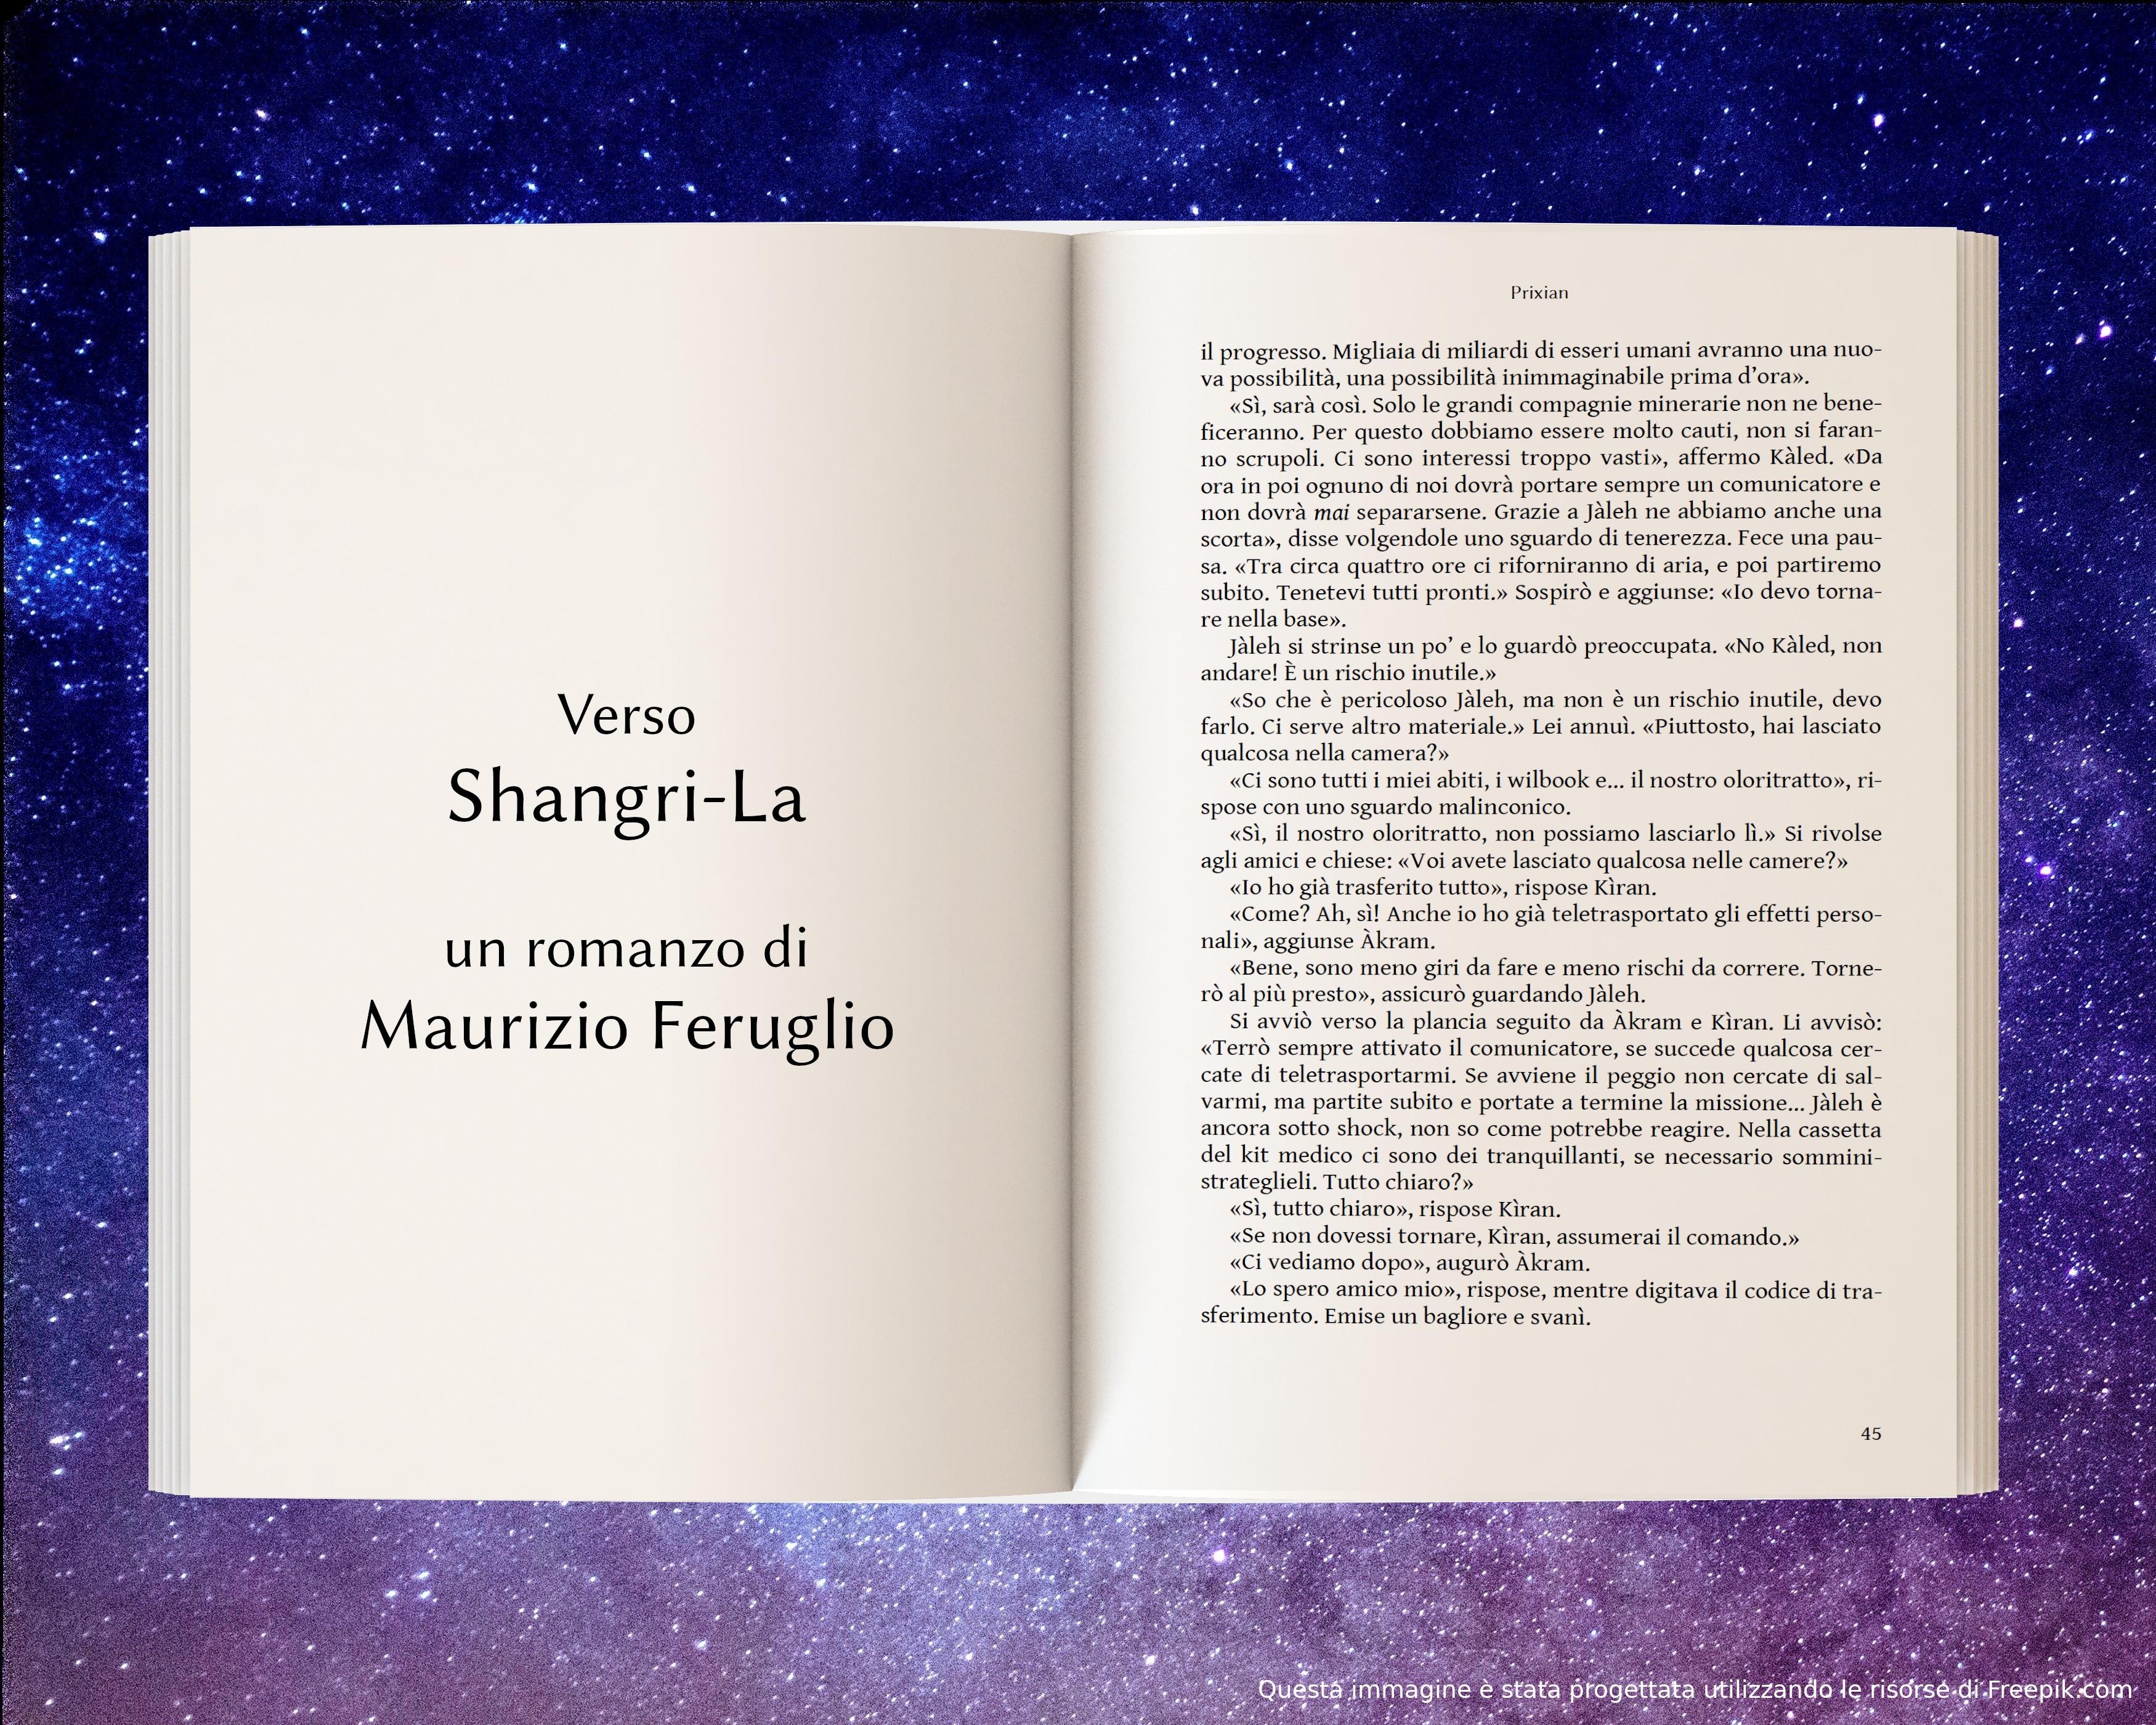 Ritorno a Prixian - anteprima di Verso Shangri-La di Maurizio Feruglio